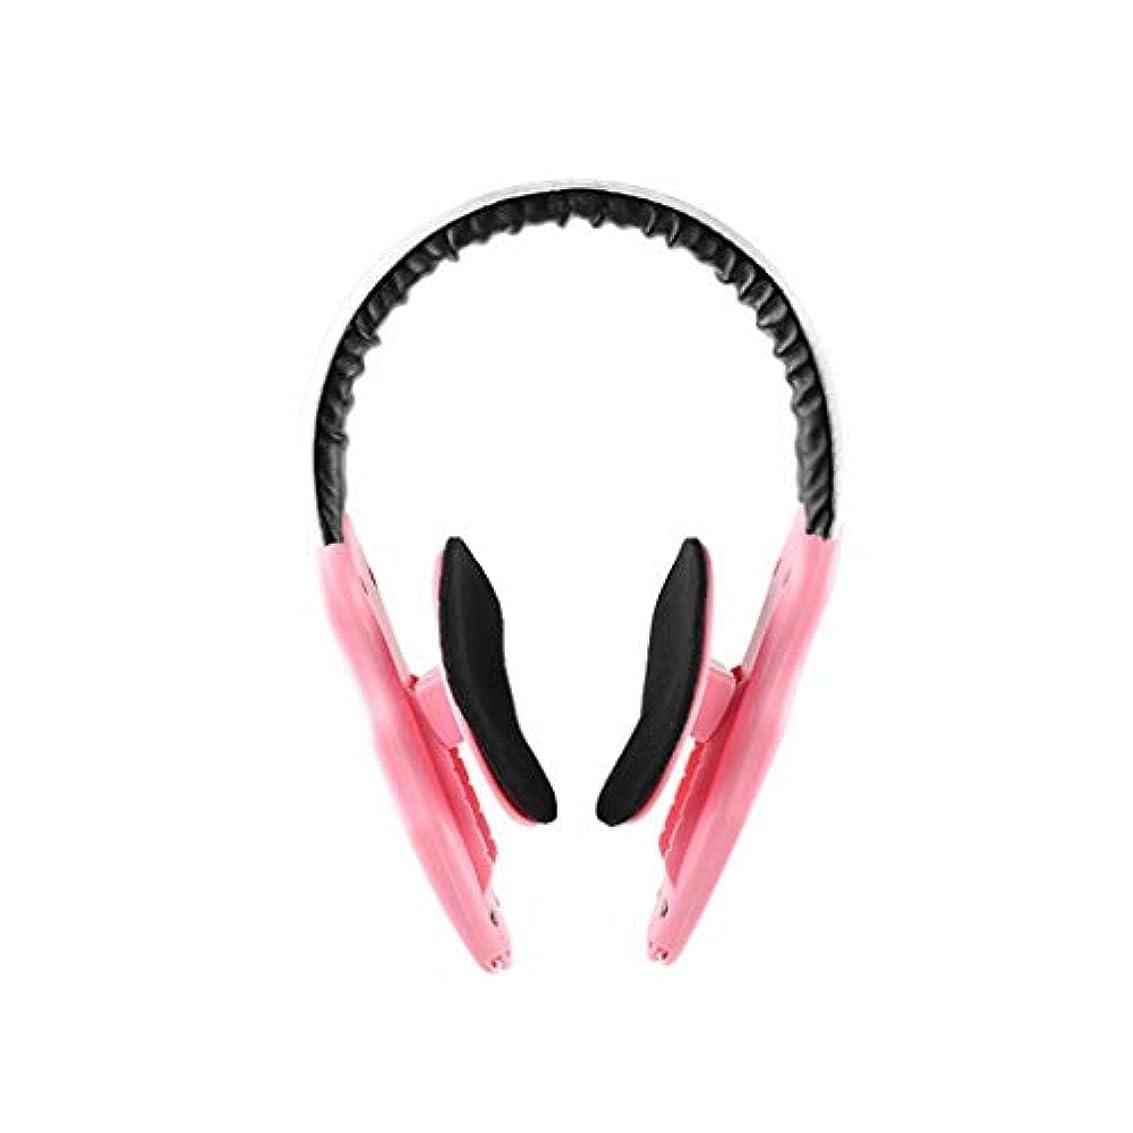 透過性ウェーハ秋LJK フェイスリフトマスク、フェイスブレース、非対称フェイスマッセターマッスル、フェイシャルラインの強化、フェイシャルファットの改善、男性に最適 (Color : Pink)